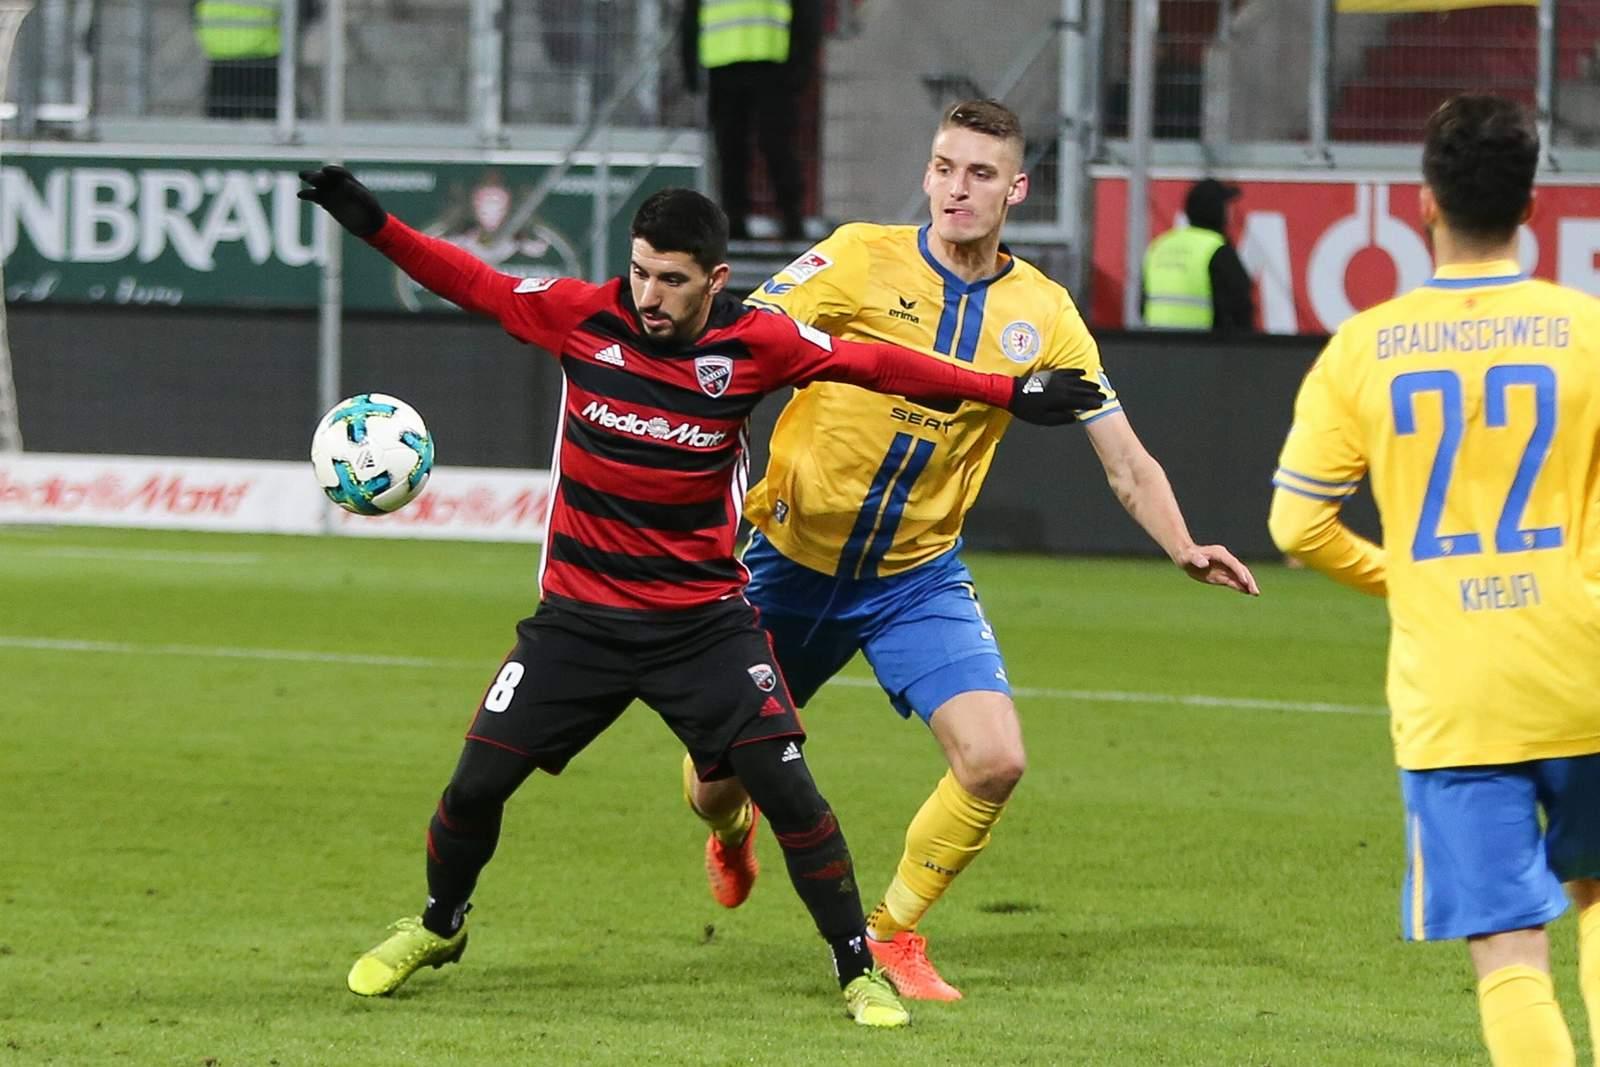 Eintracht braunschweig spiel ergebnis heute